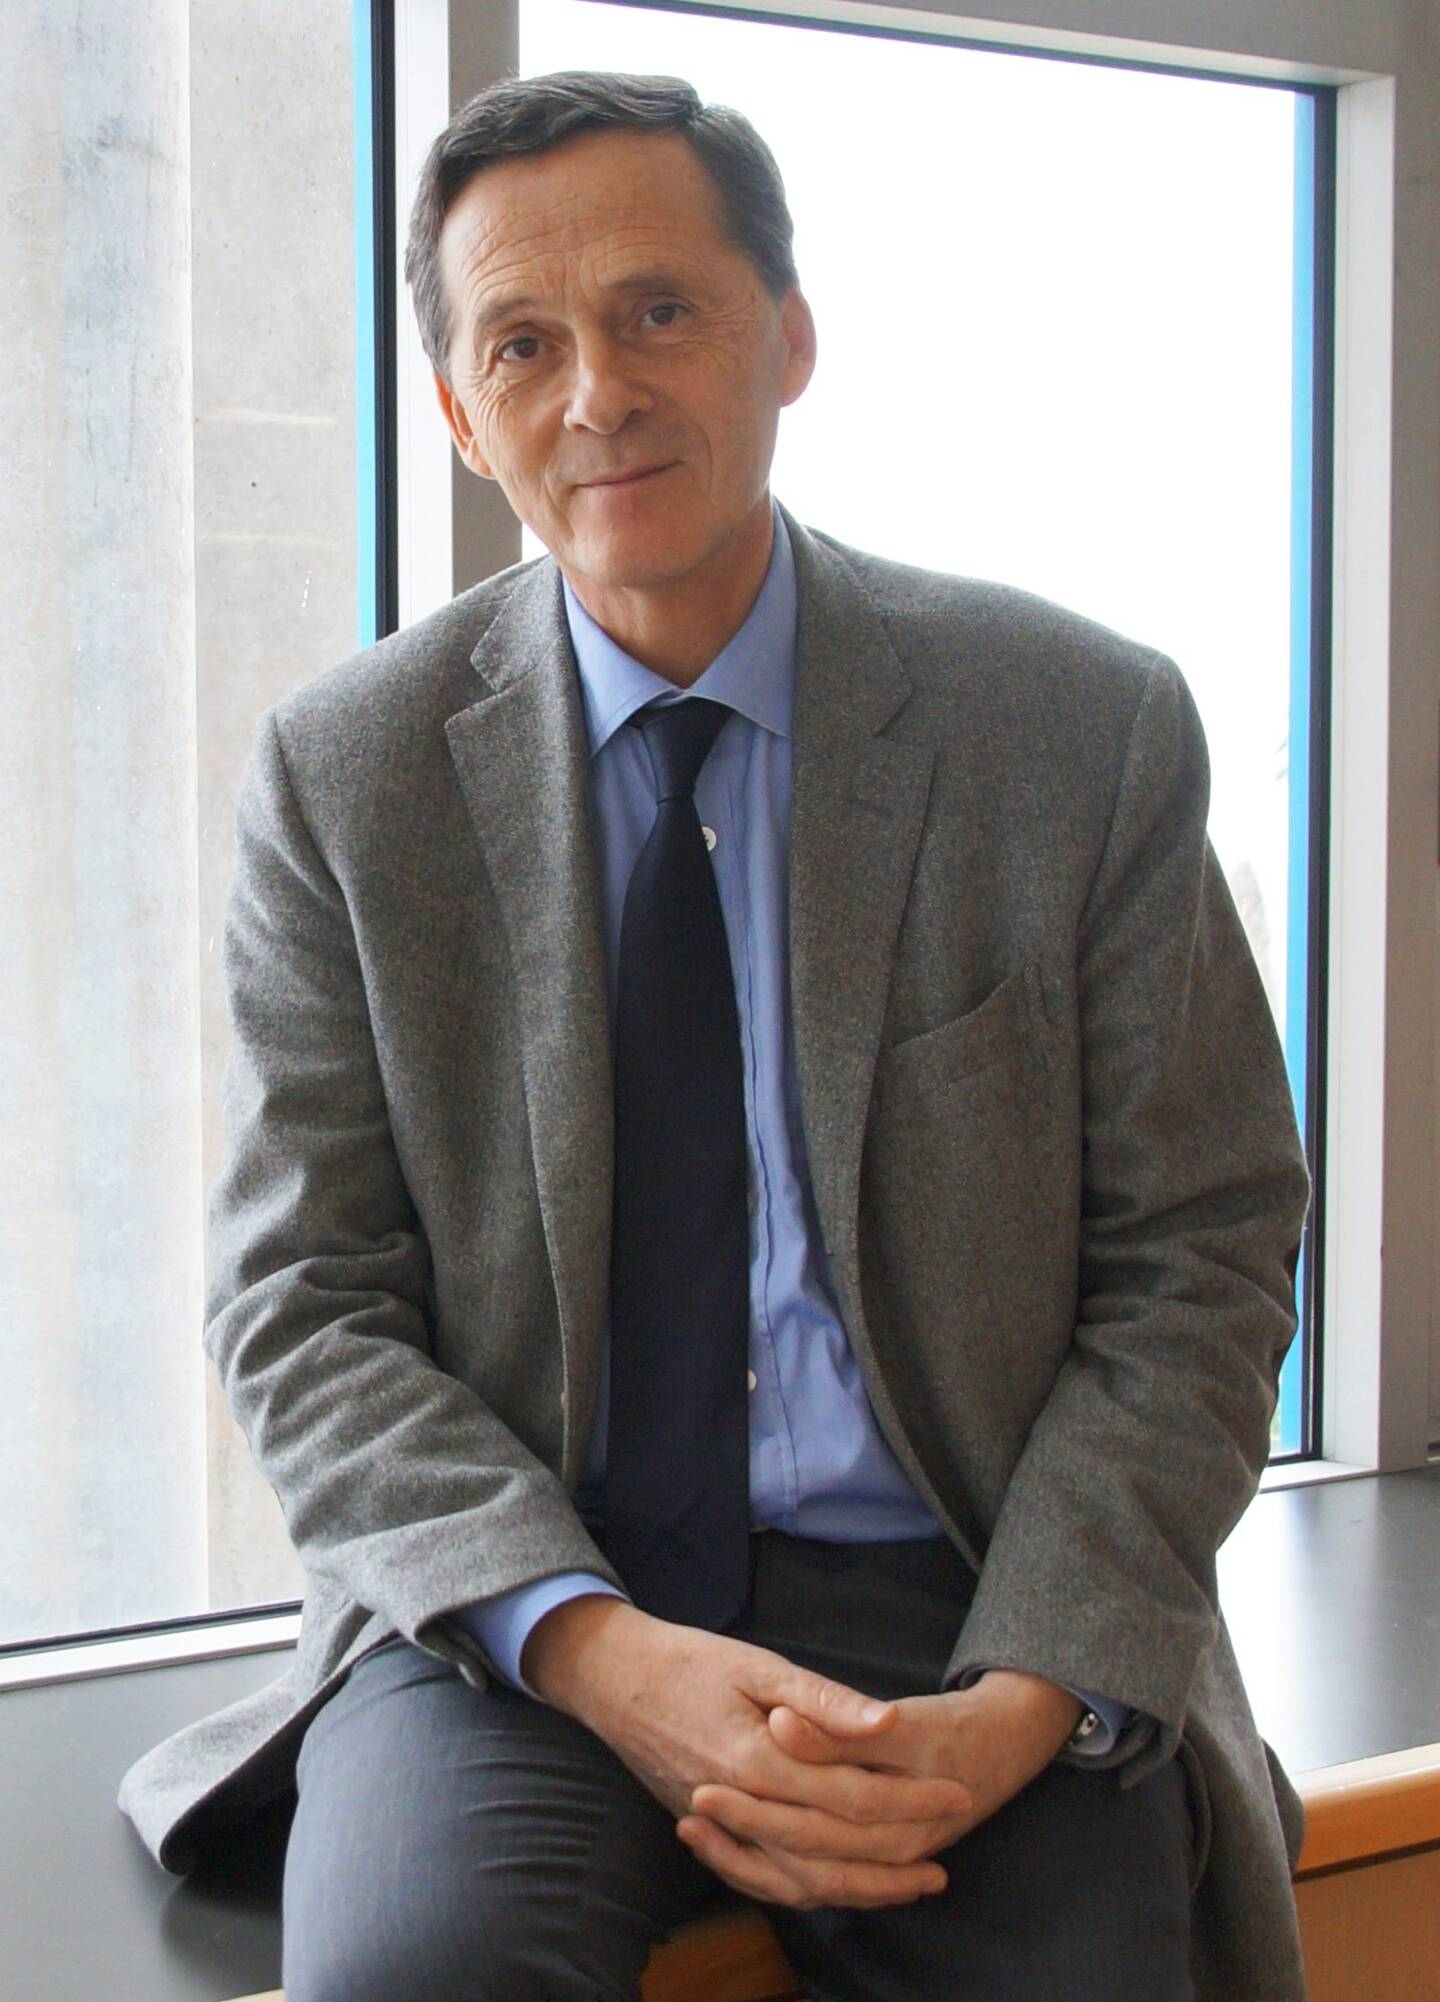 Le maire Xavier Beck, ici à son bureau en mairie de Cap-d'Ail.